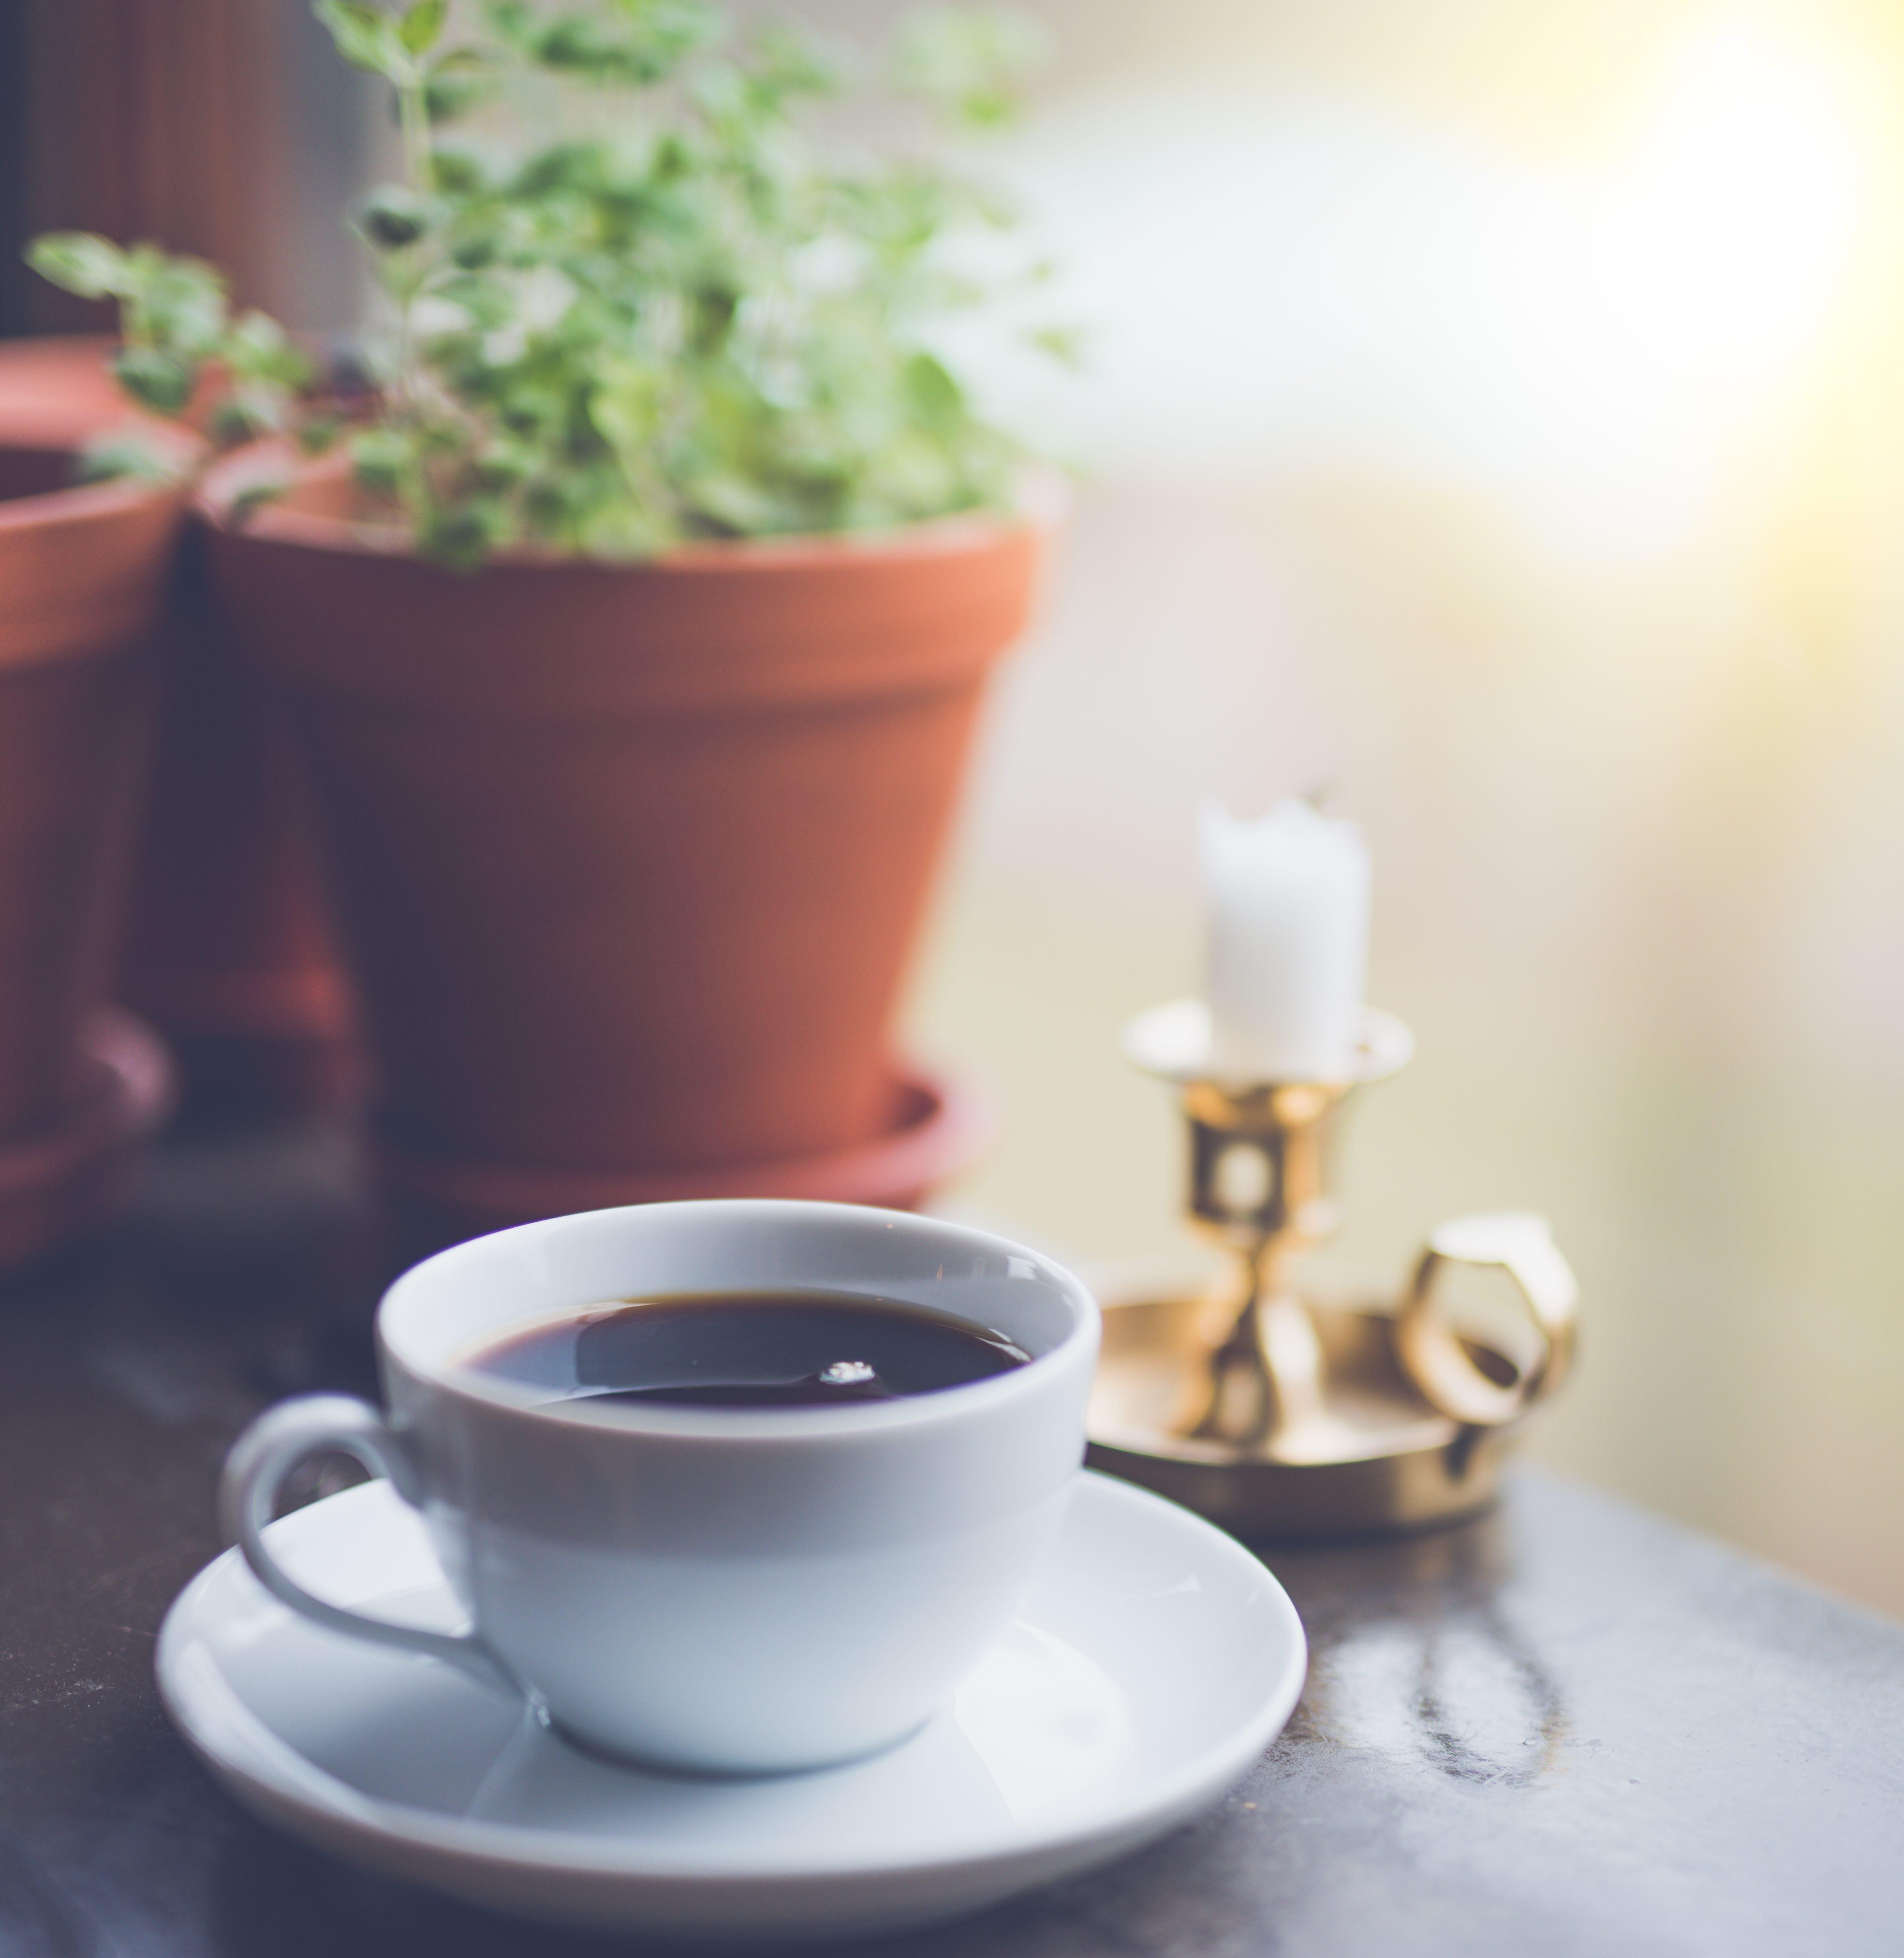 Coffee Mug on White Saucer